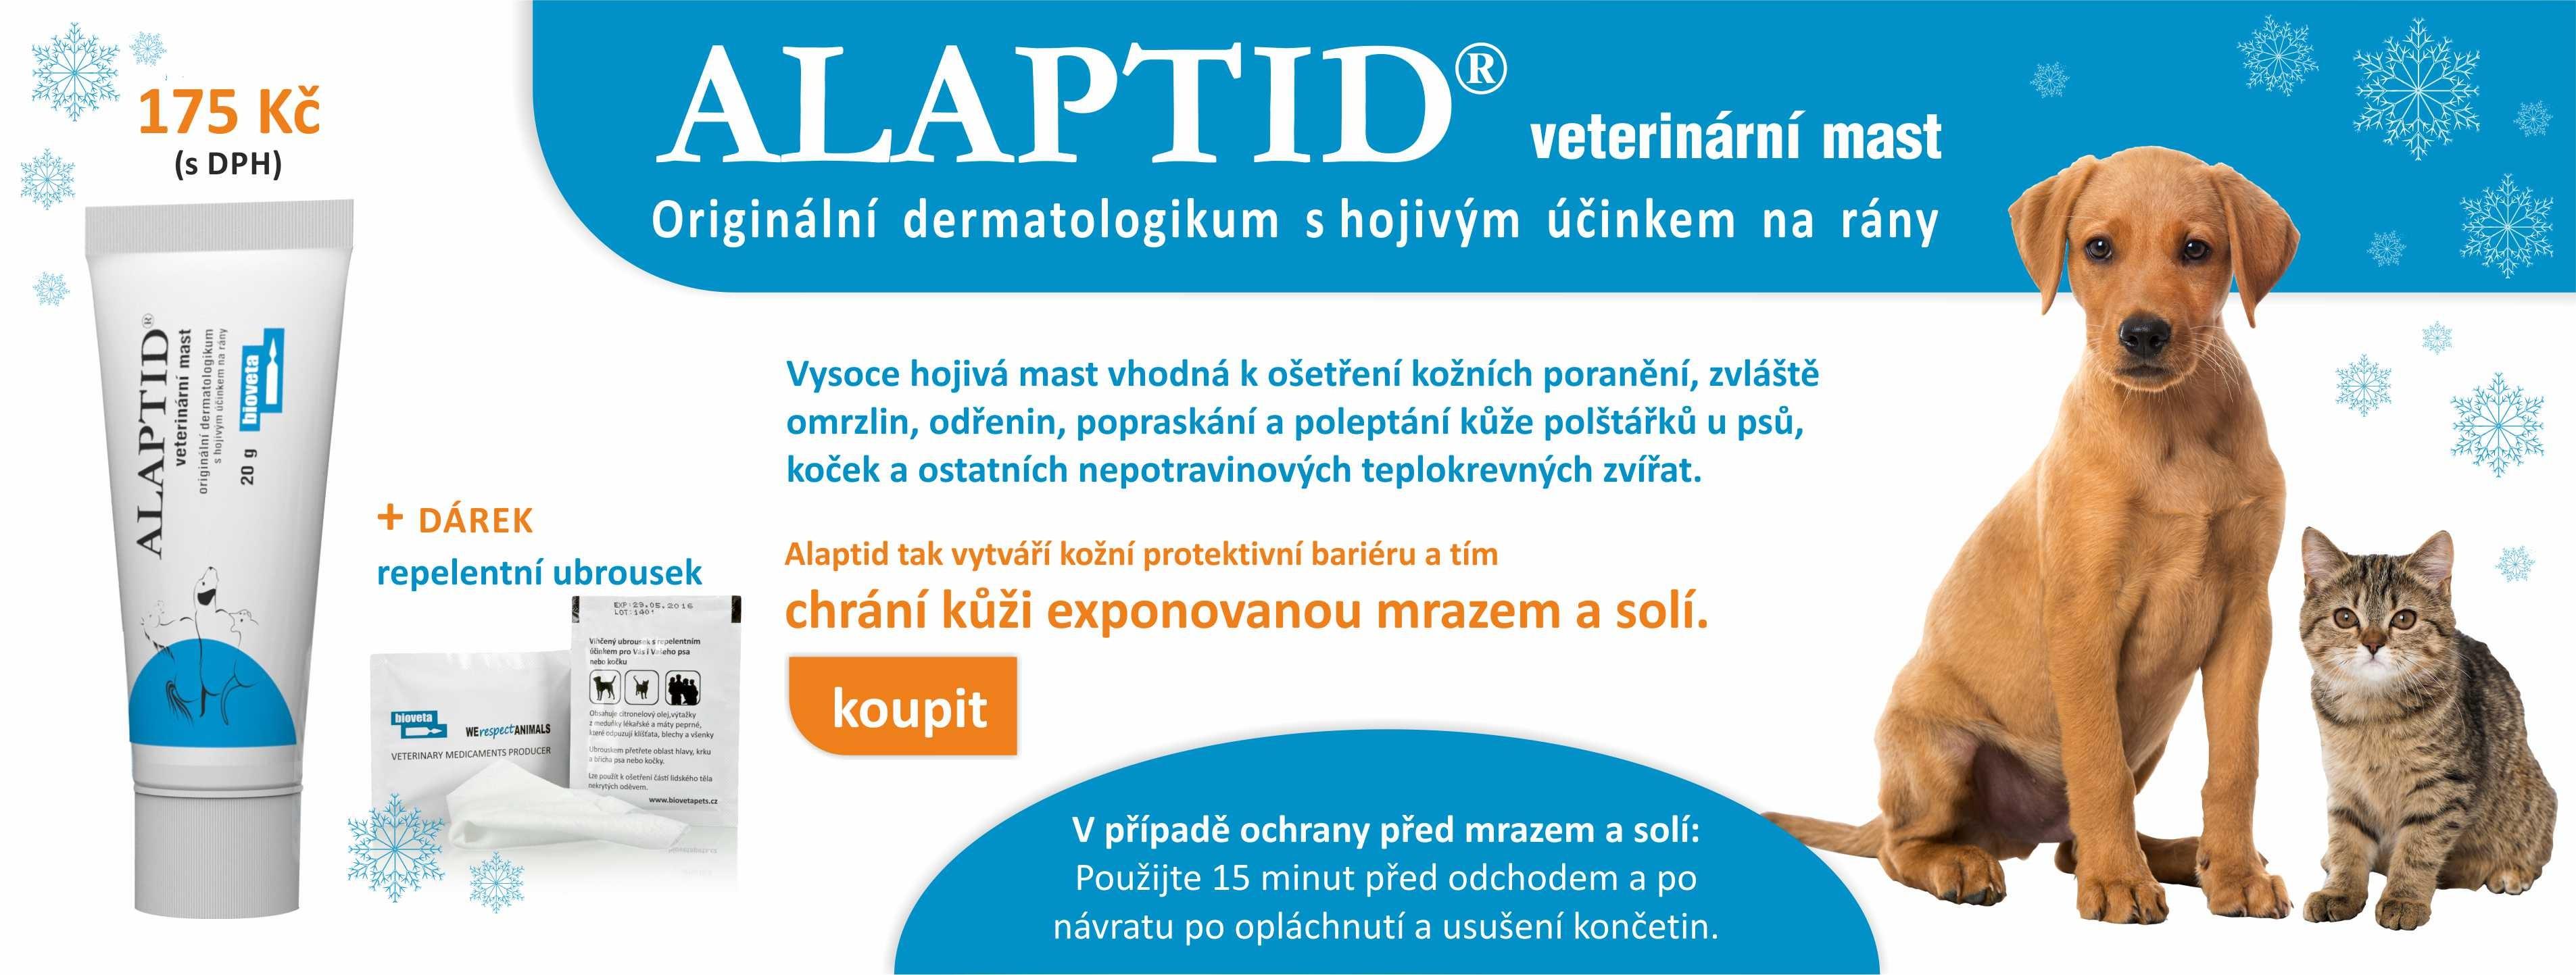 NOVINKA Alaptid + repelentní ubrousek